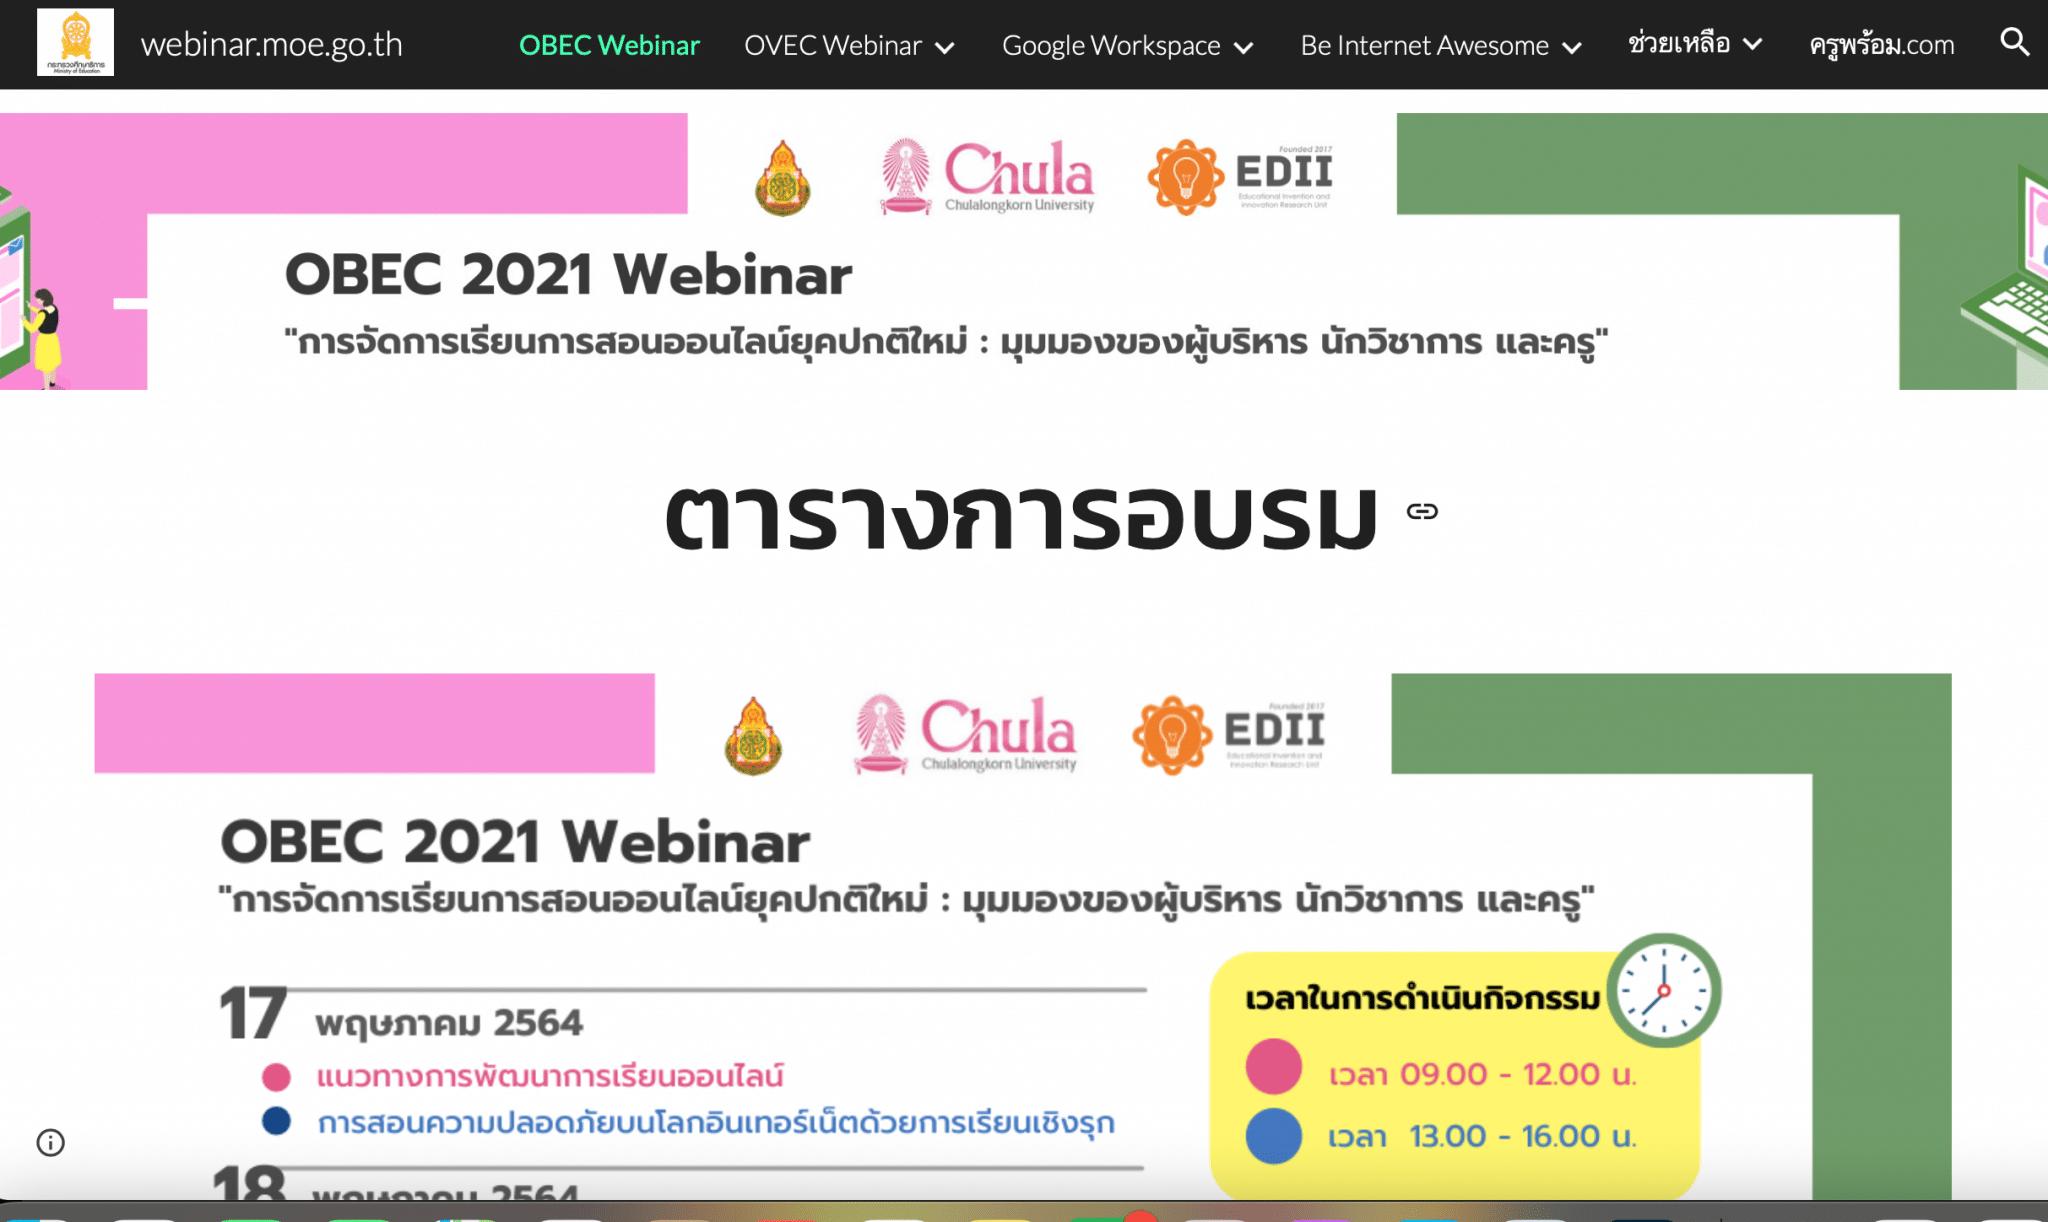 เข้าไปที่เว็บไซต์ https://webinar.moe.go.th/